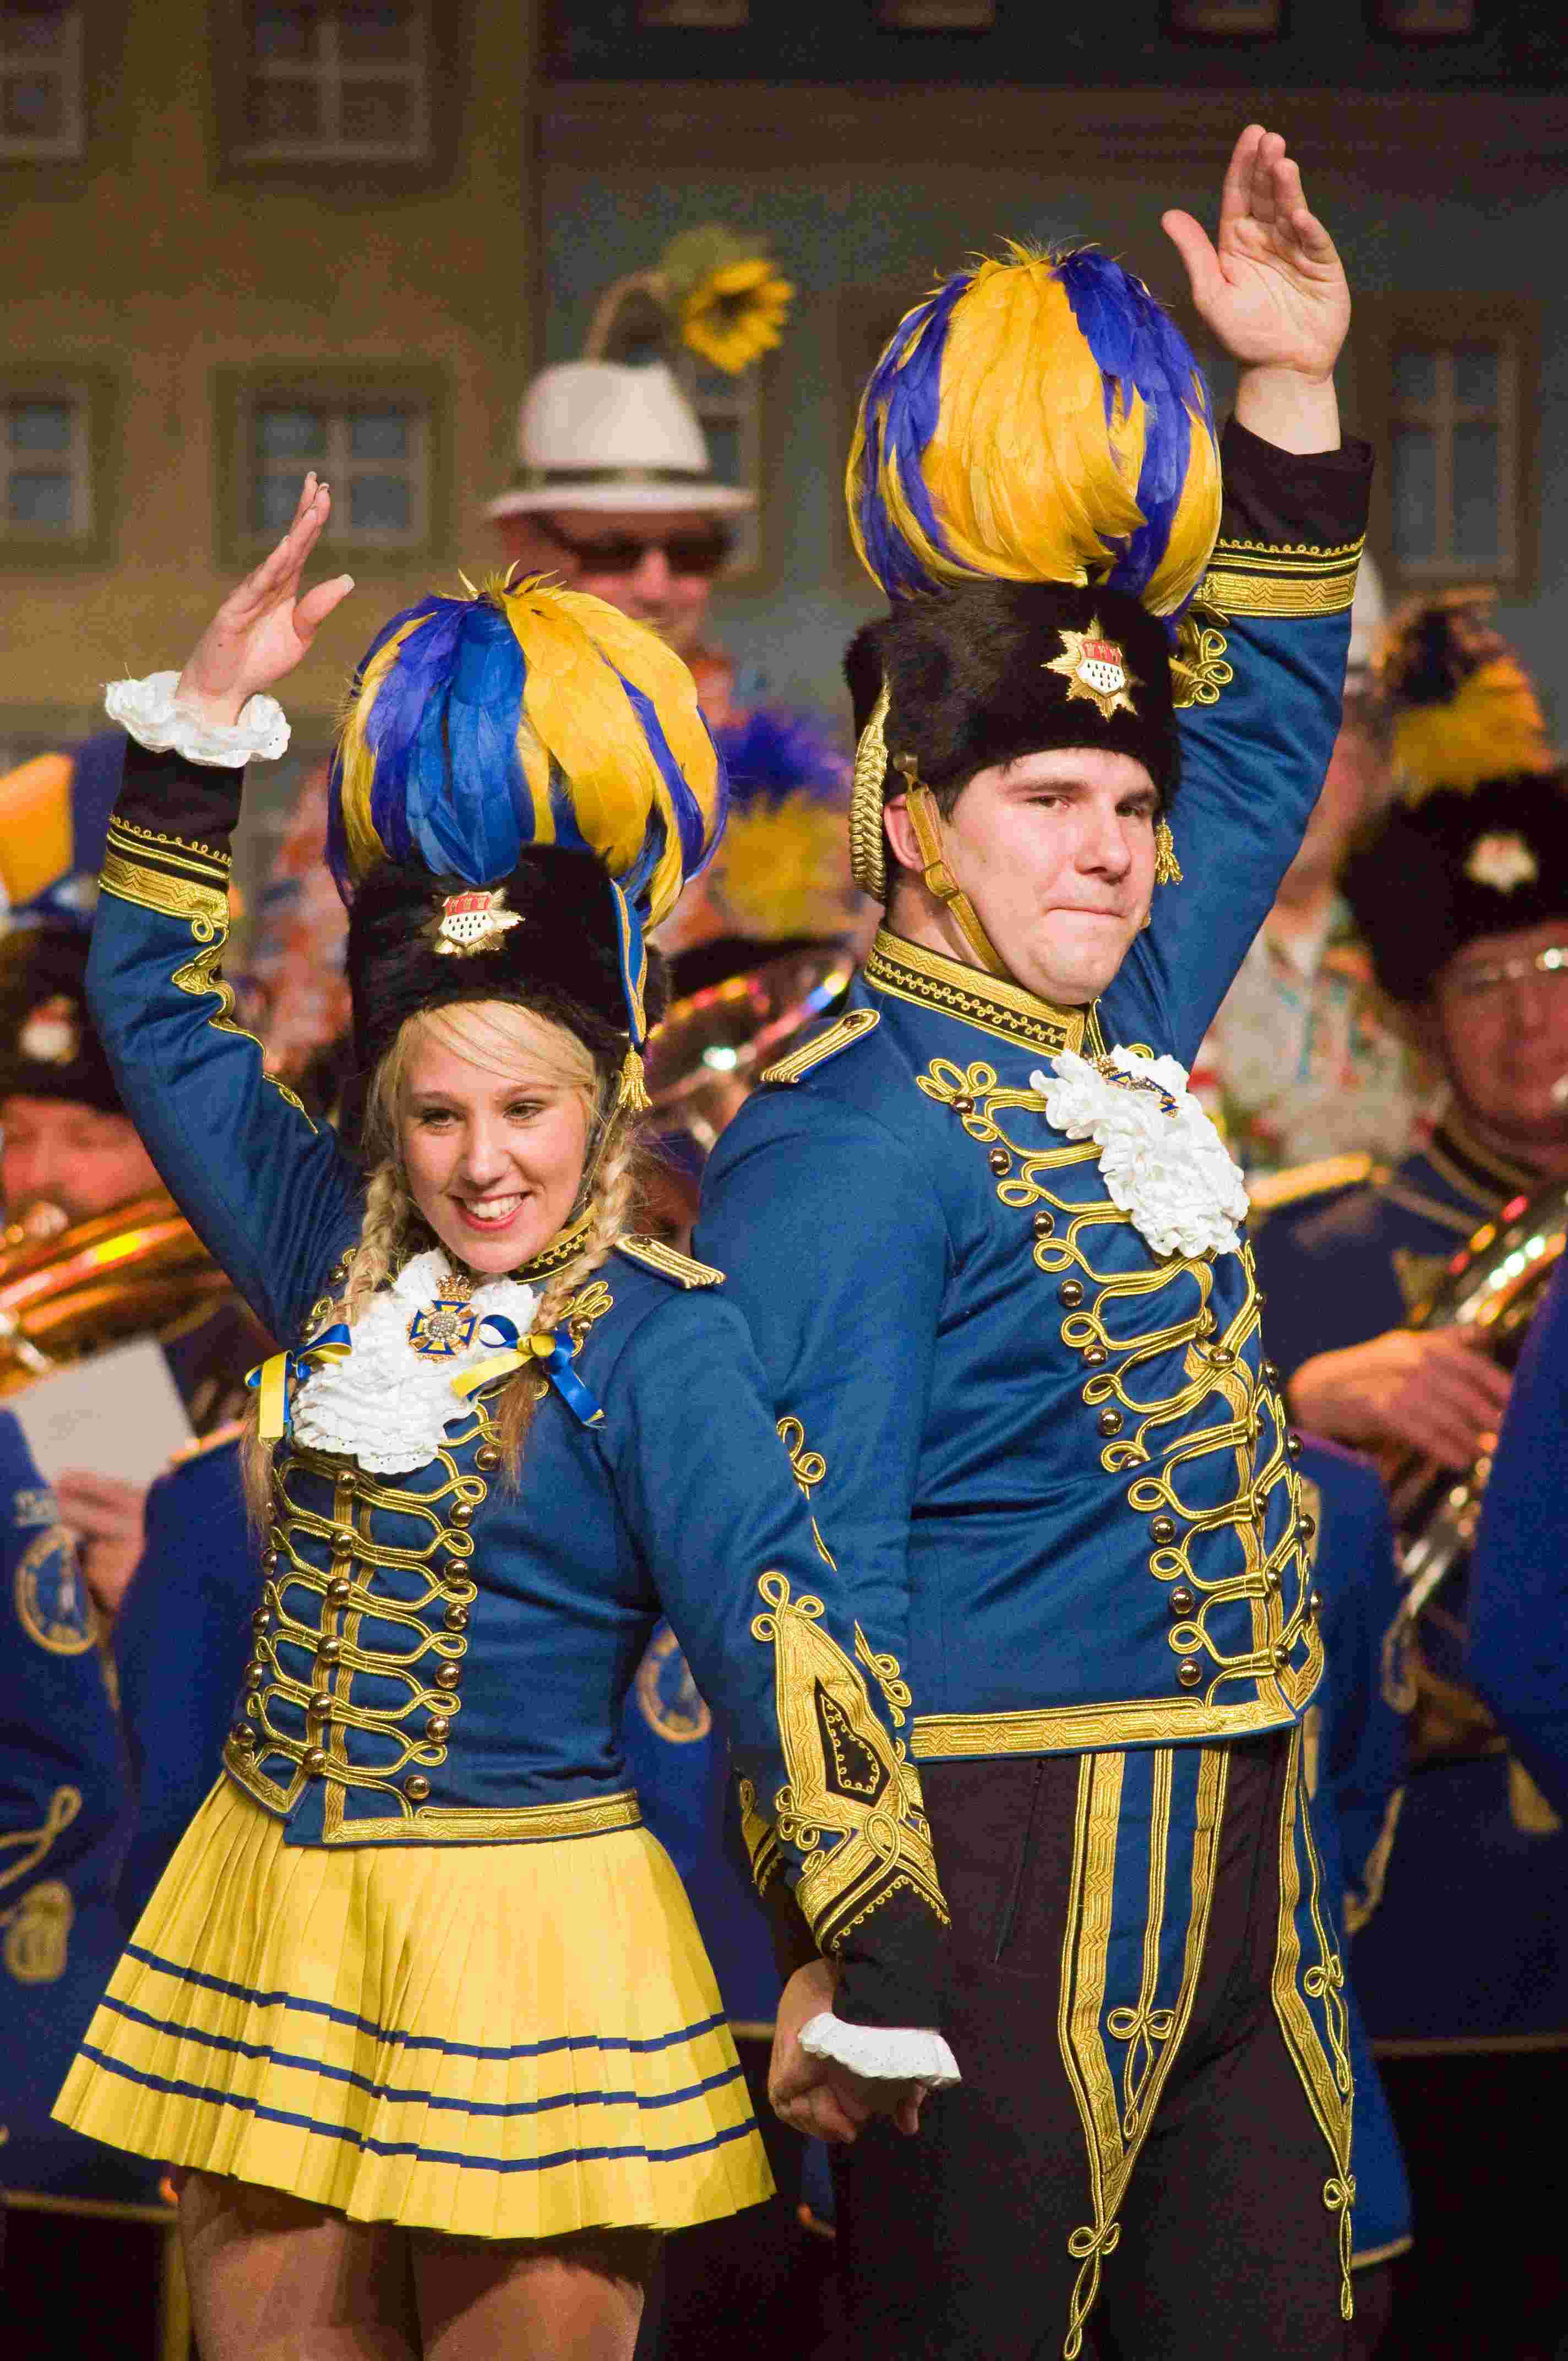 Sitzung 2014 27 - Husaren blau-gelb von 1925